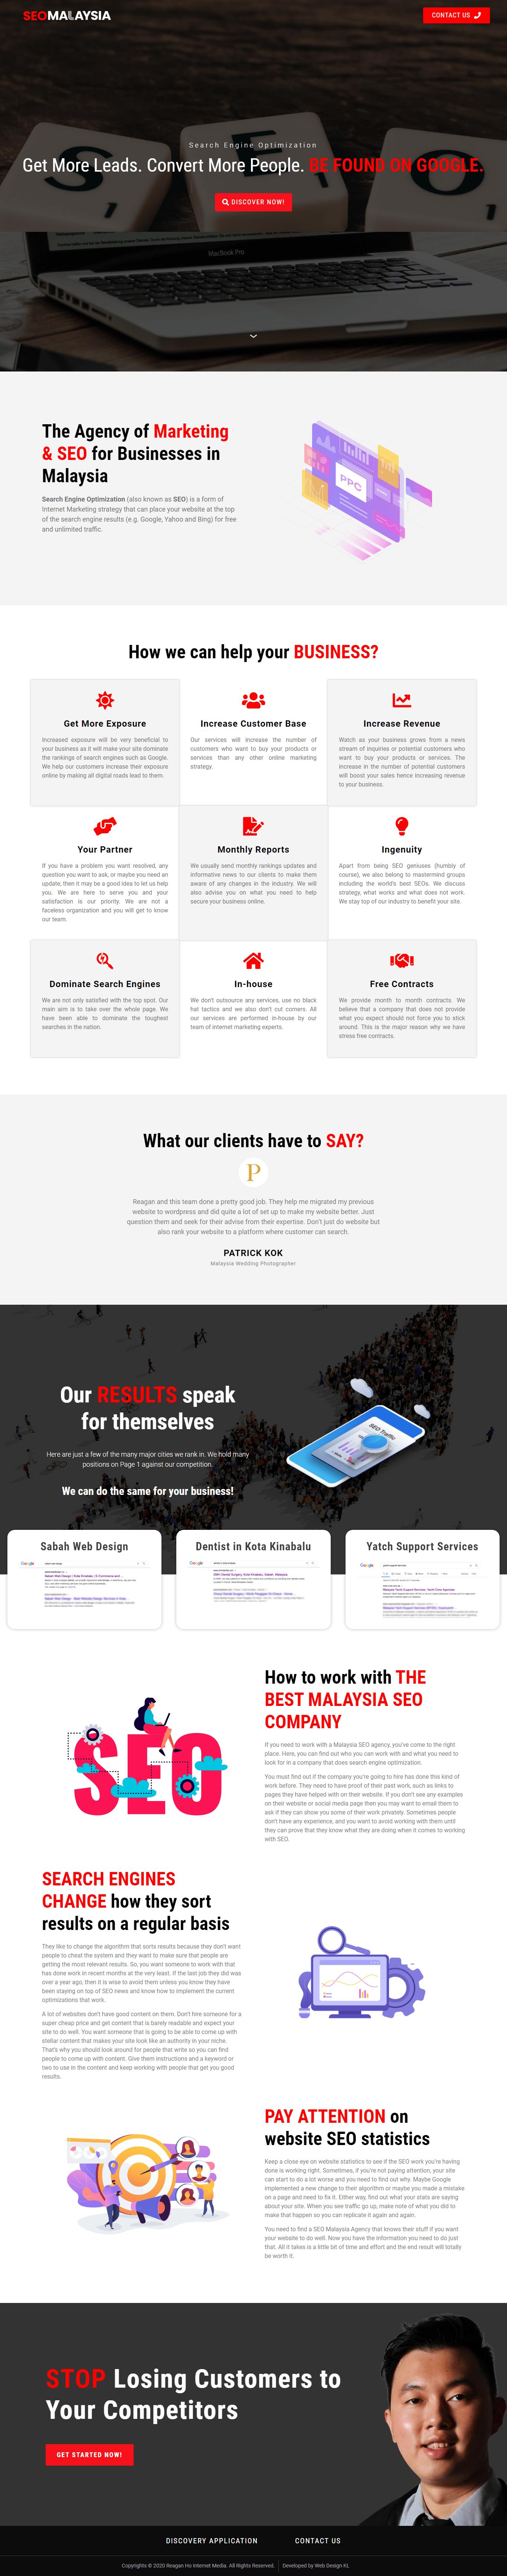 Seo Agency Malaysia